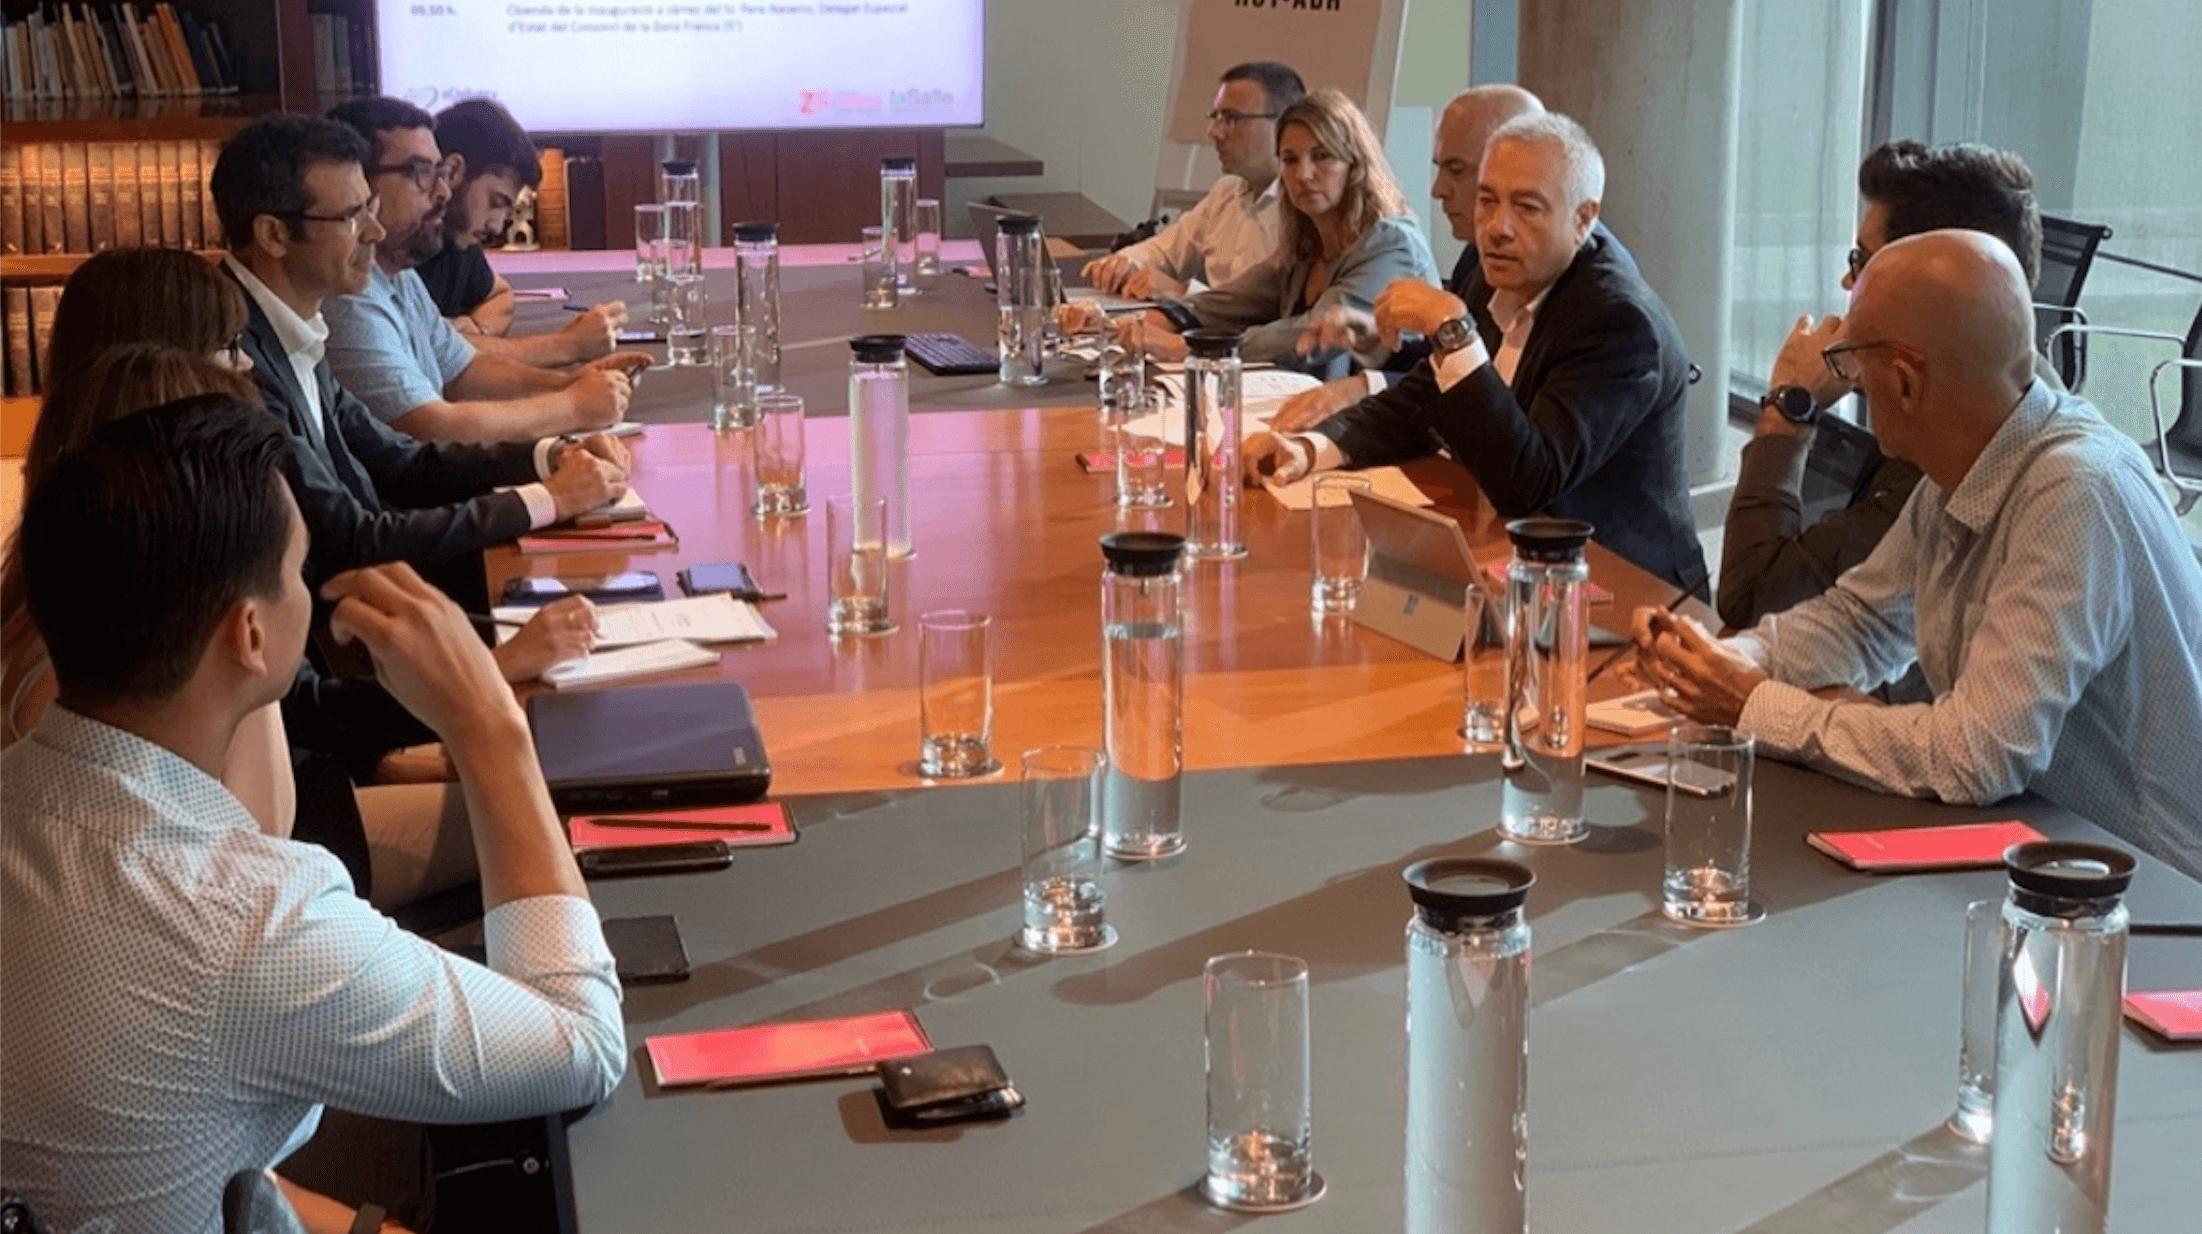 II Programa d'acceleració de start-ups logístiques de La Salle-URL i la Zona Franca